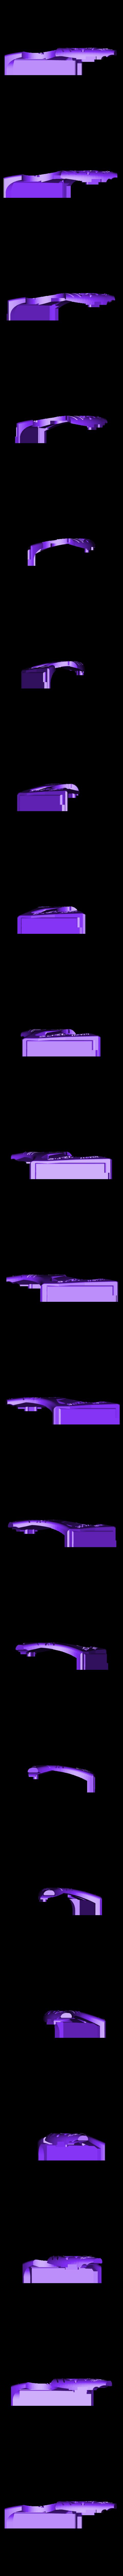 main_body_left_upright.stl Télécharger fichier STL gratuit 2016 Suzuki GSX-RR MotoGP RC Moto • Modèle pour imprimante 3D, brett